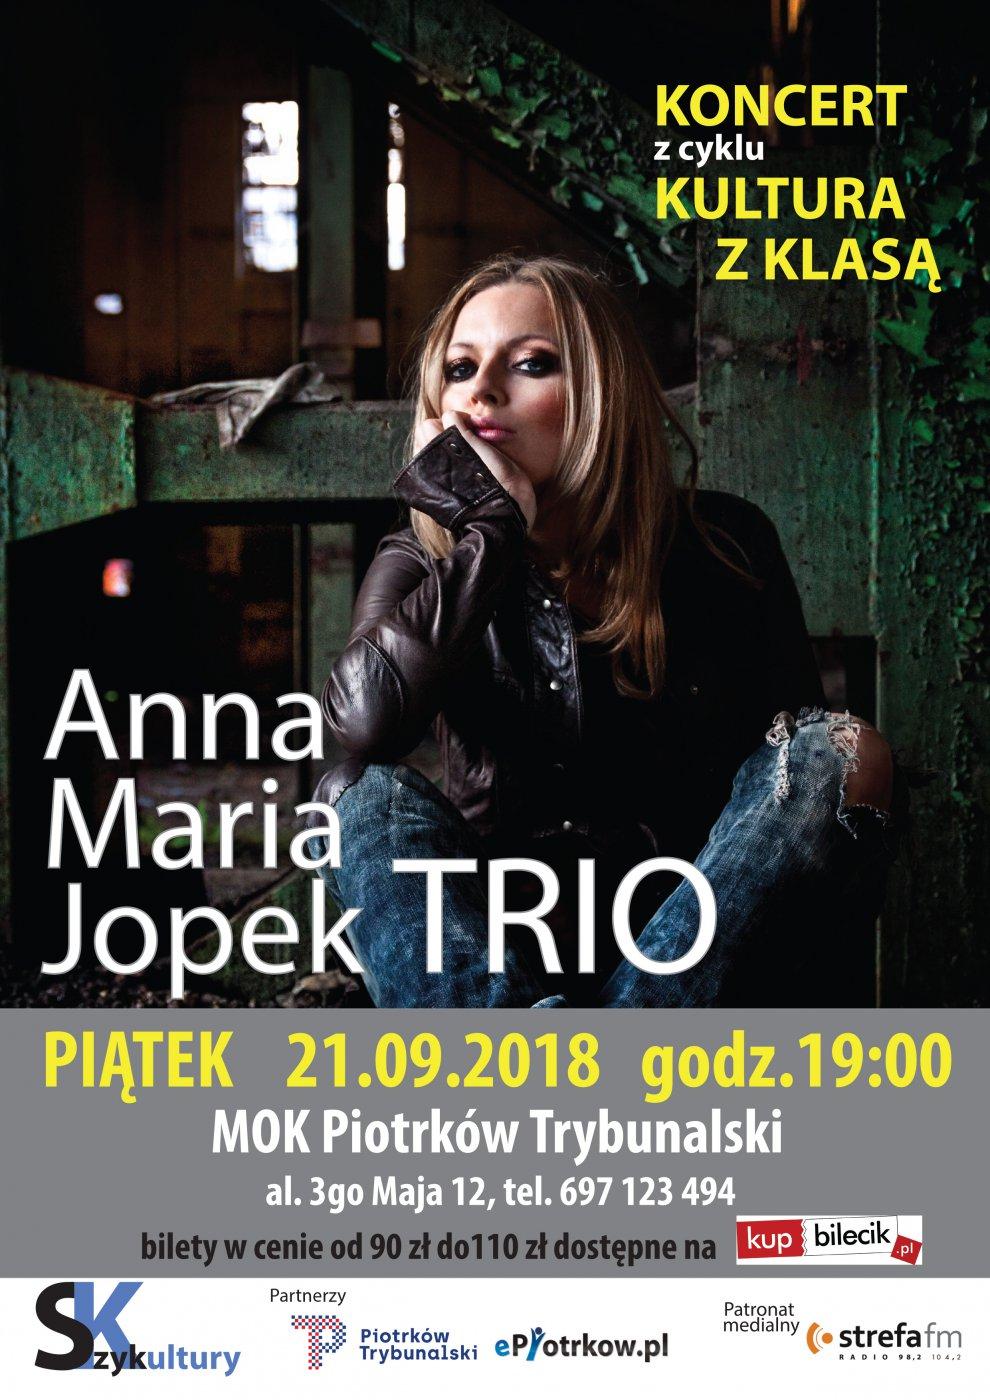 Anna Maria Jopek Trio